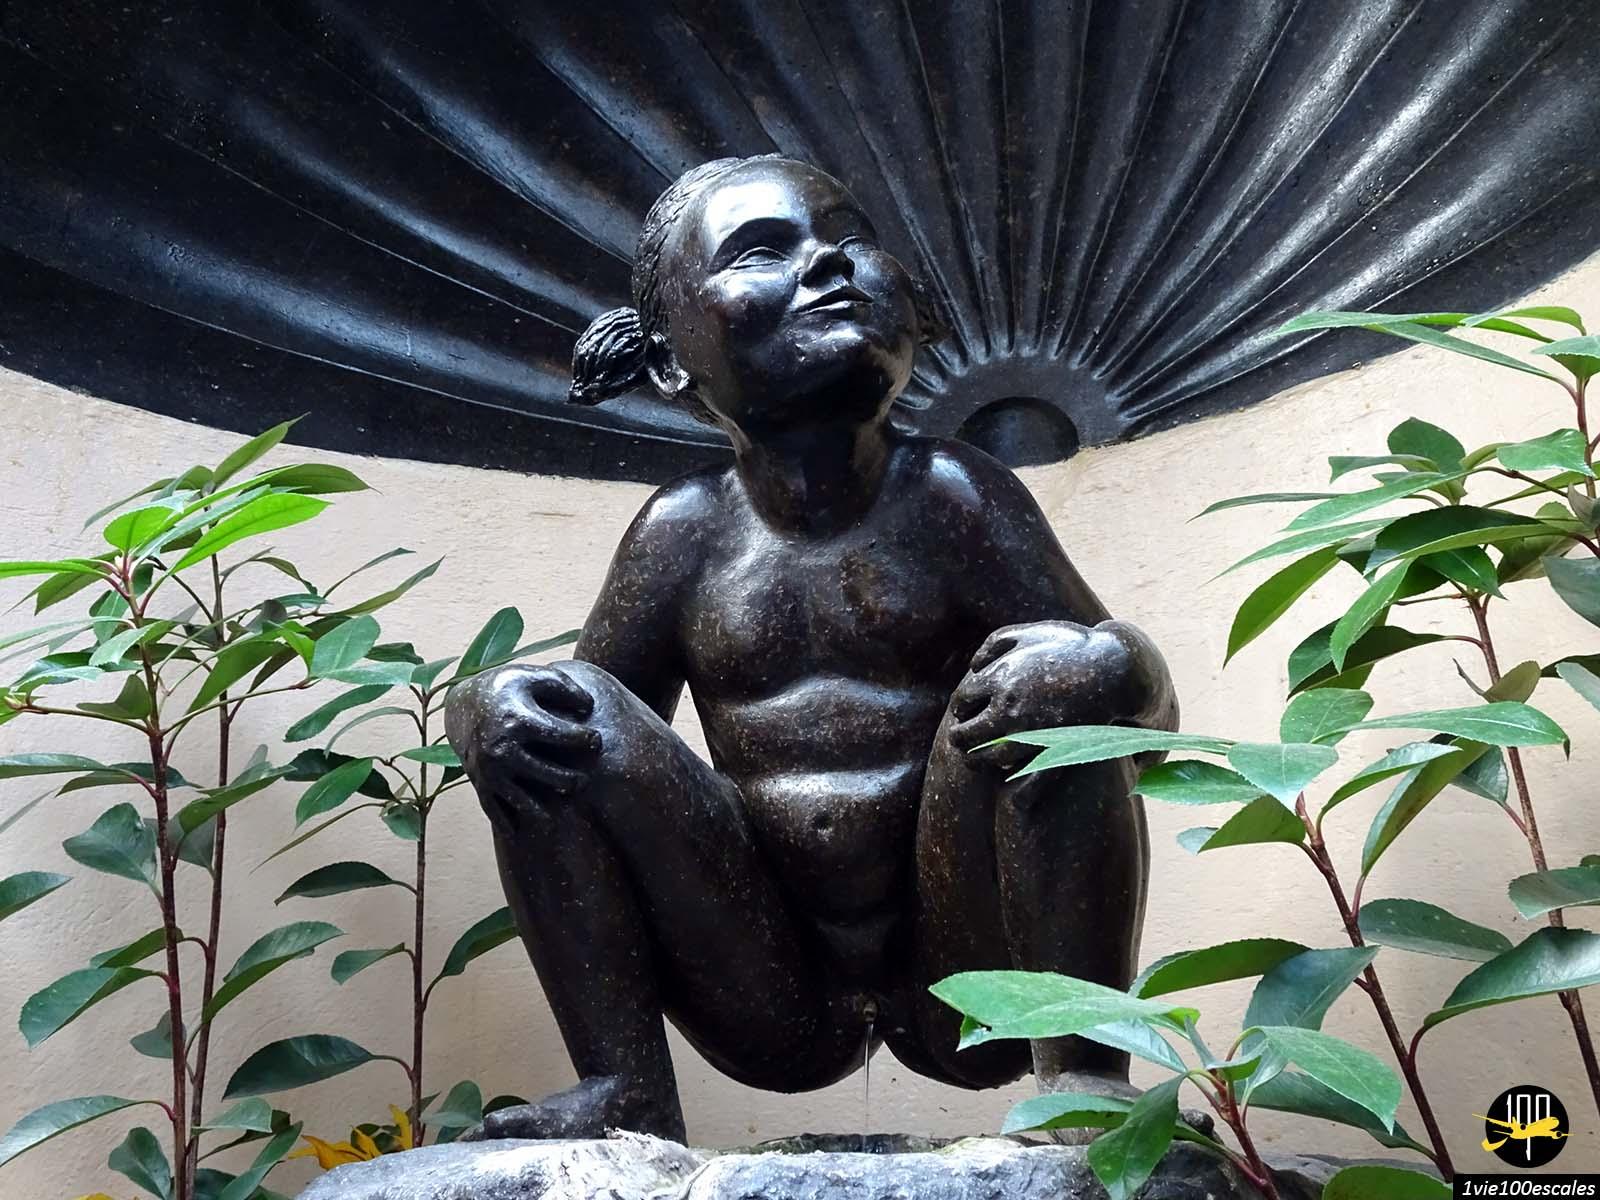 La statue de Zinneke-Pis juste en face du delirium cafe